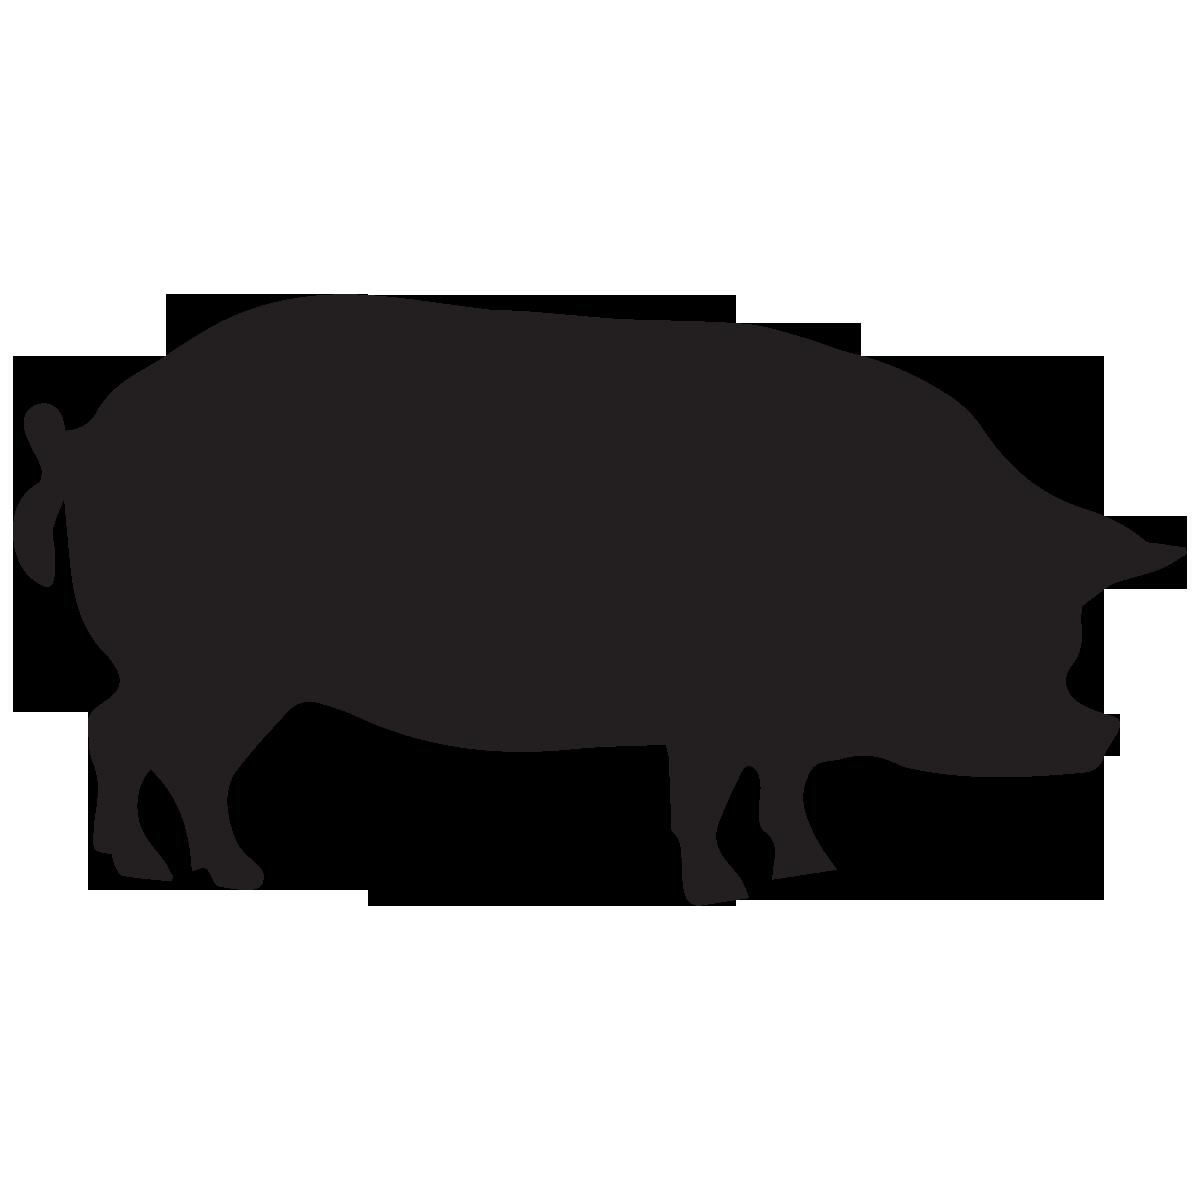 Guinea pig Silhouette Clip art.